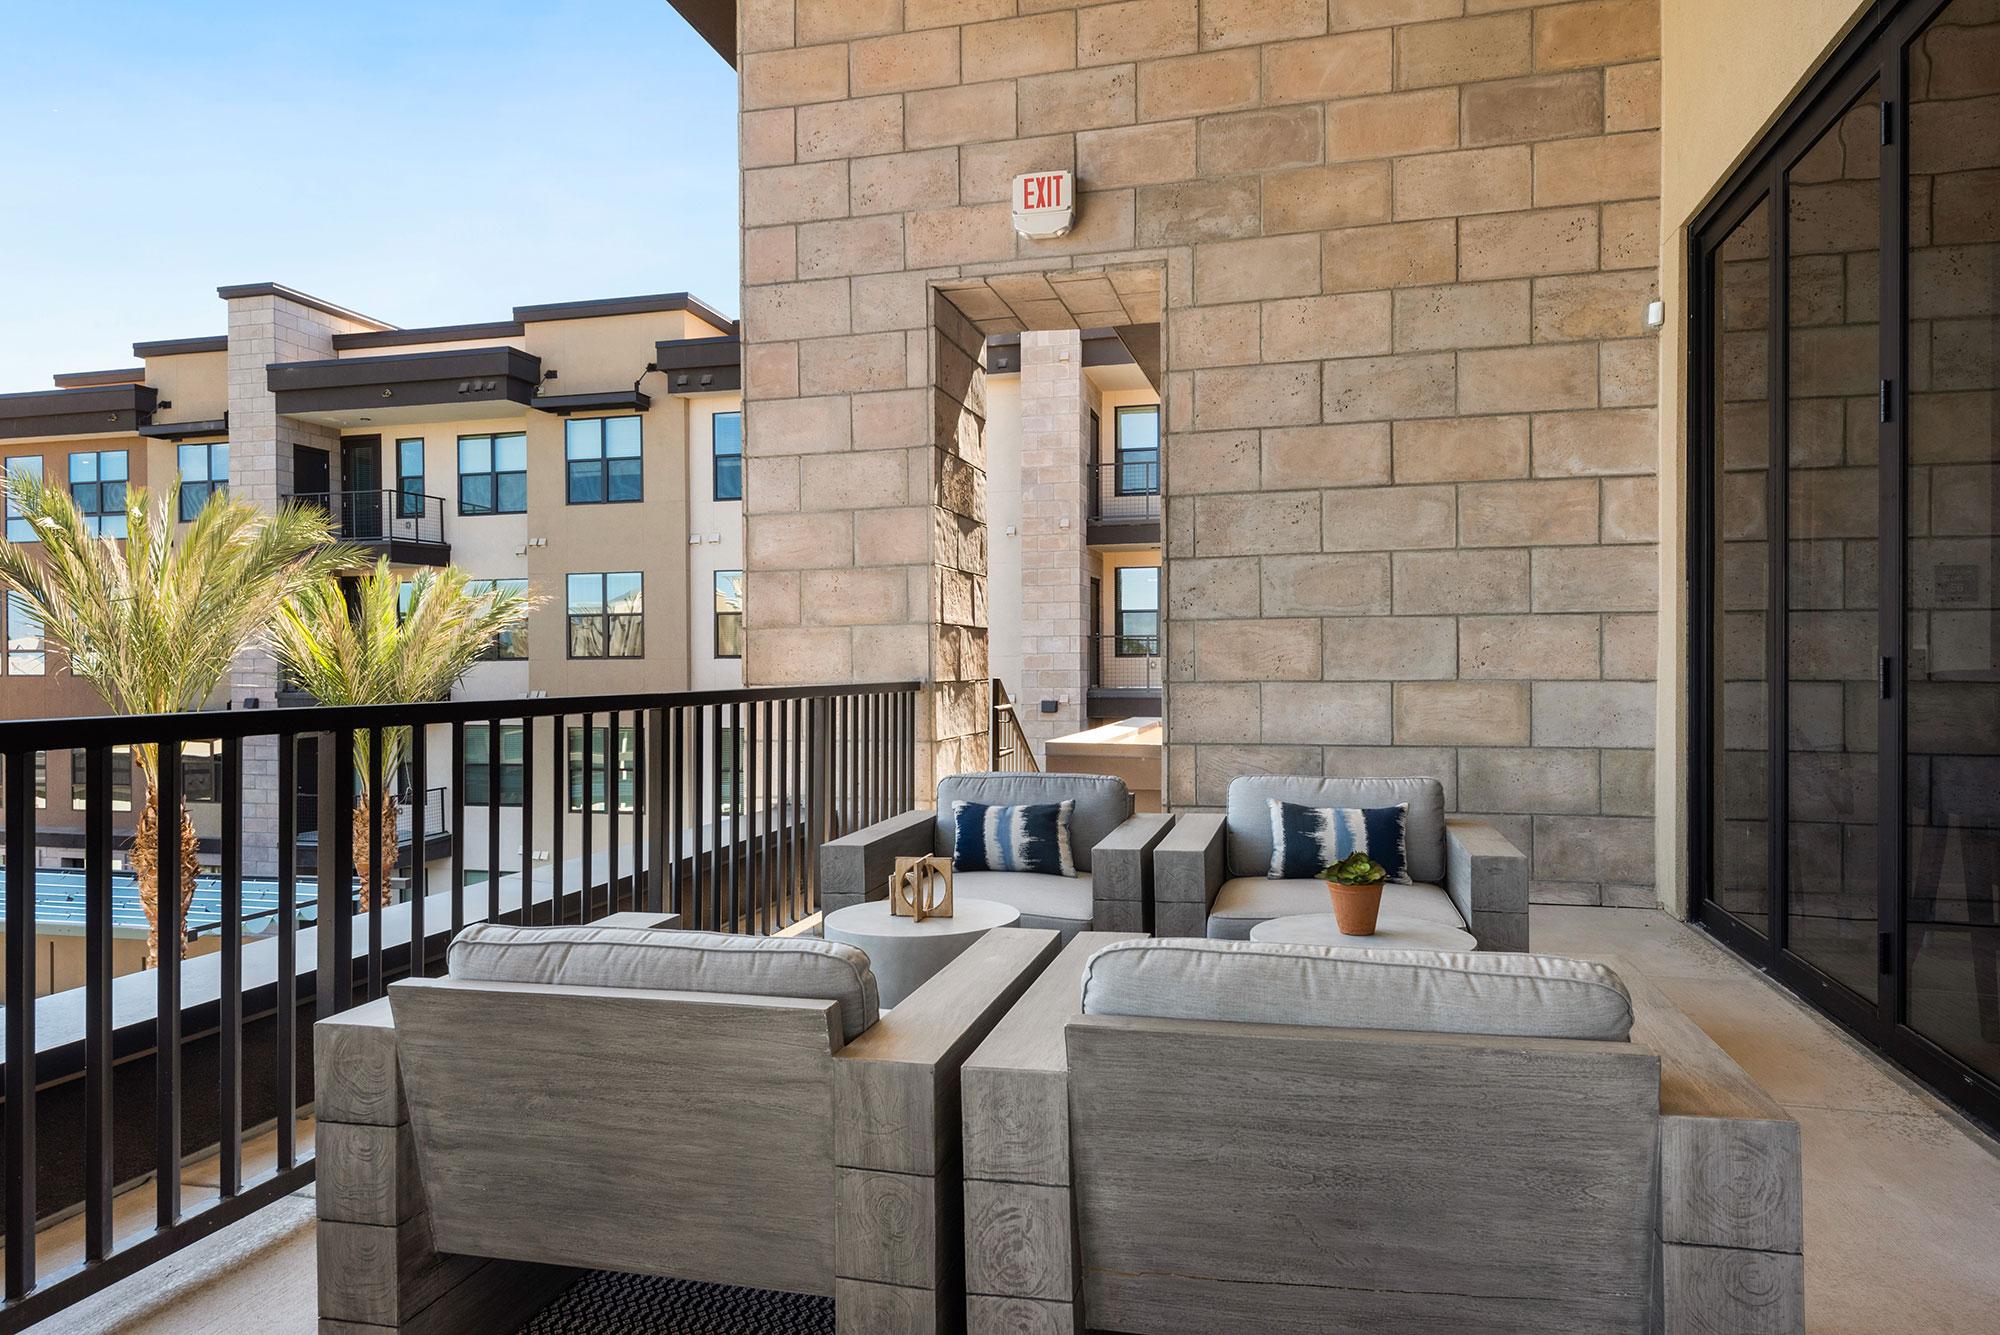 Riata - Outdoor Deck Alt Angle